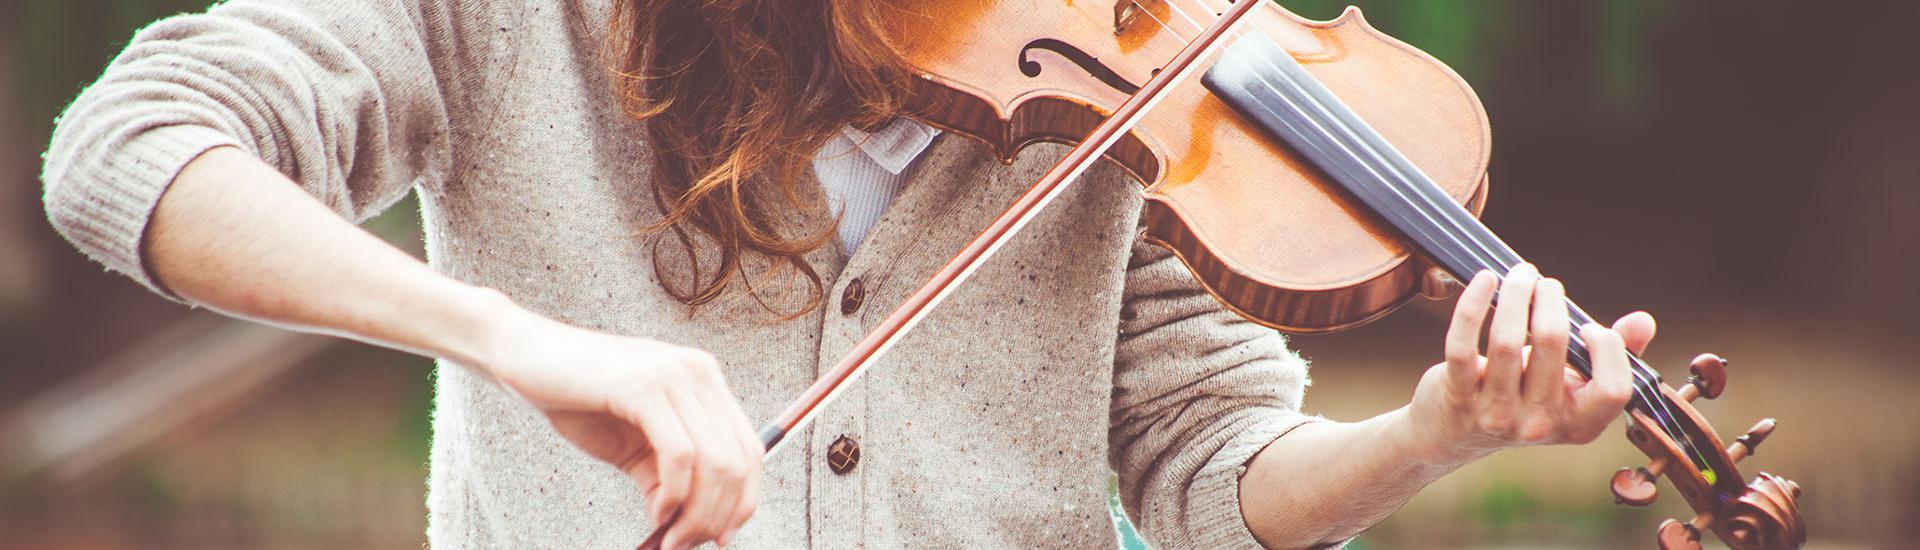 Escola de Música Banner